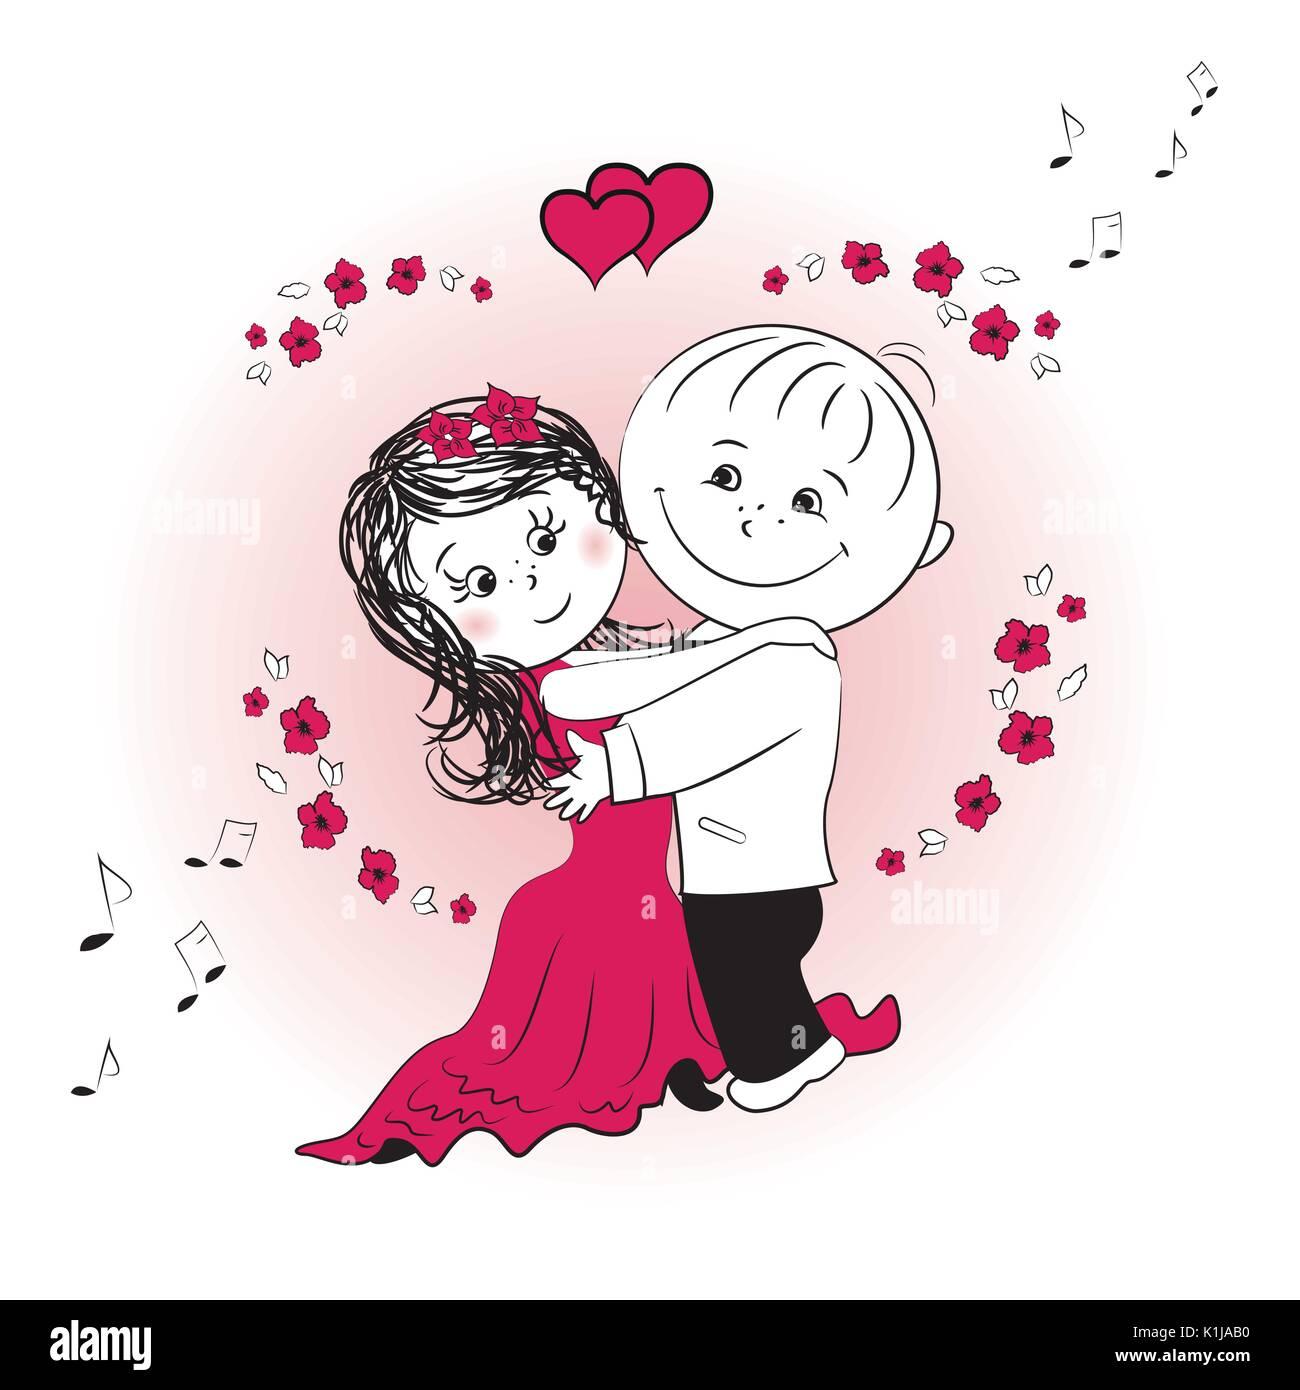 Pareja De Baile De Amor Ilustración Vectorial De Dibujos Animados